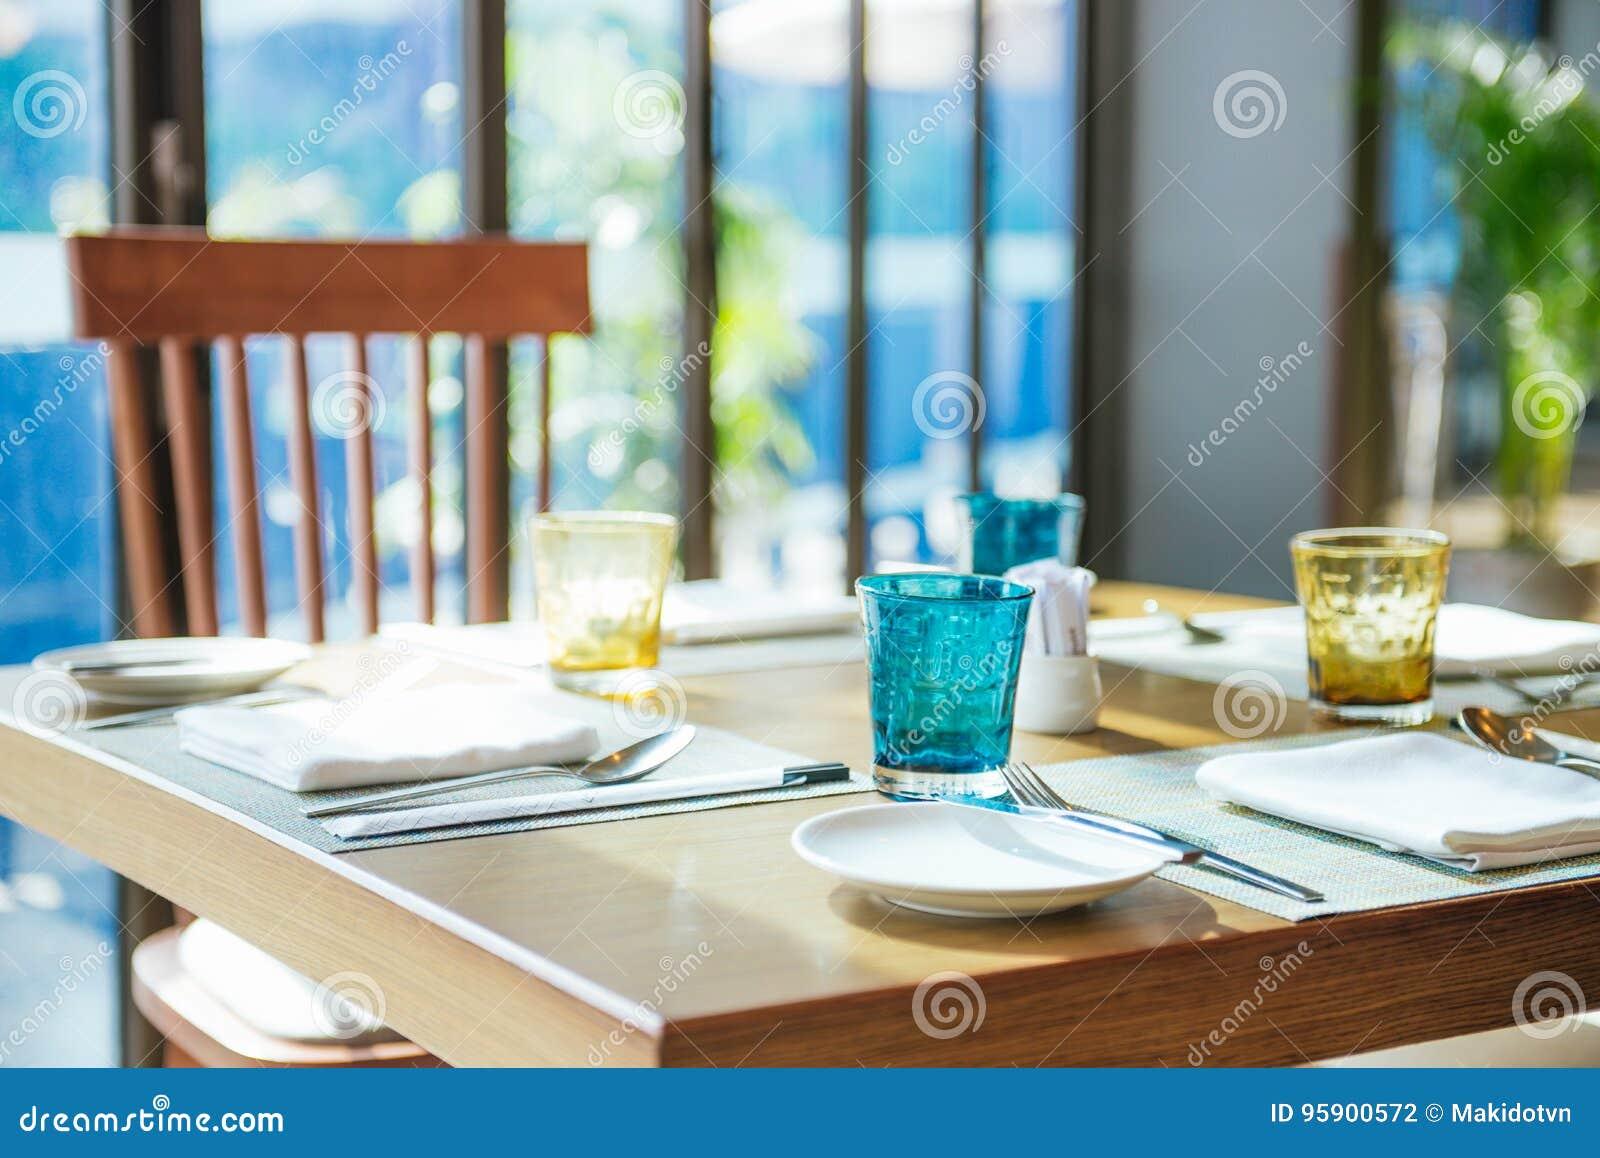 休闲、旅行和旅游业概念 在餐馆的表设置